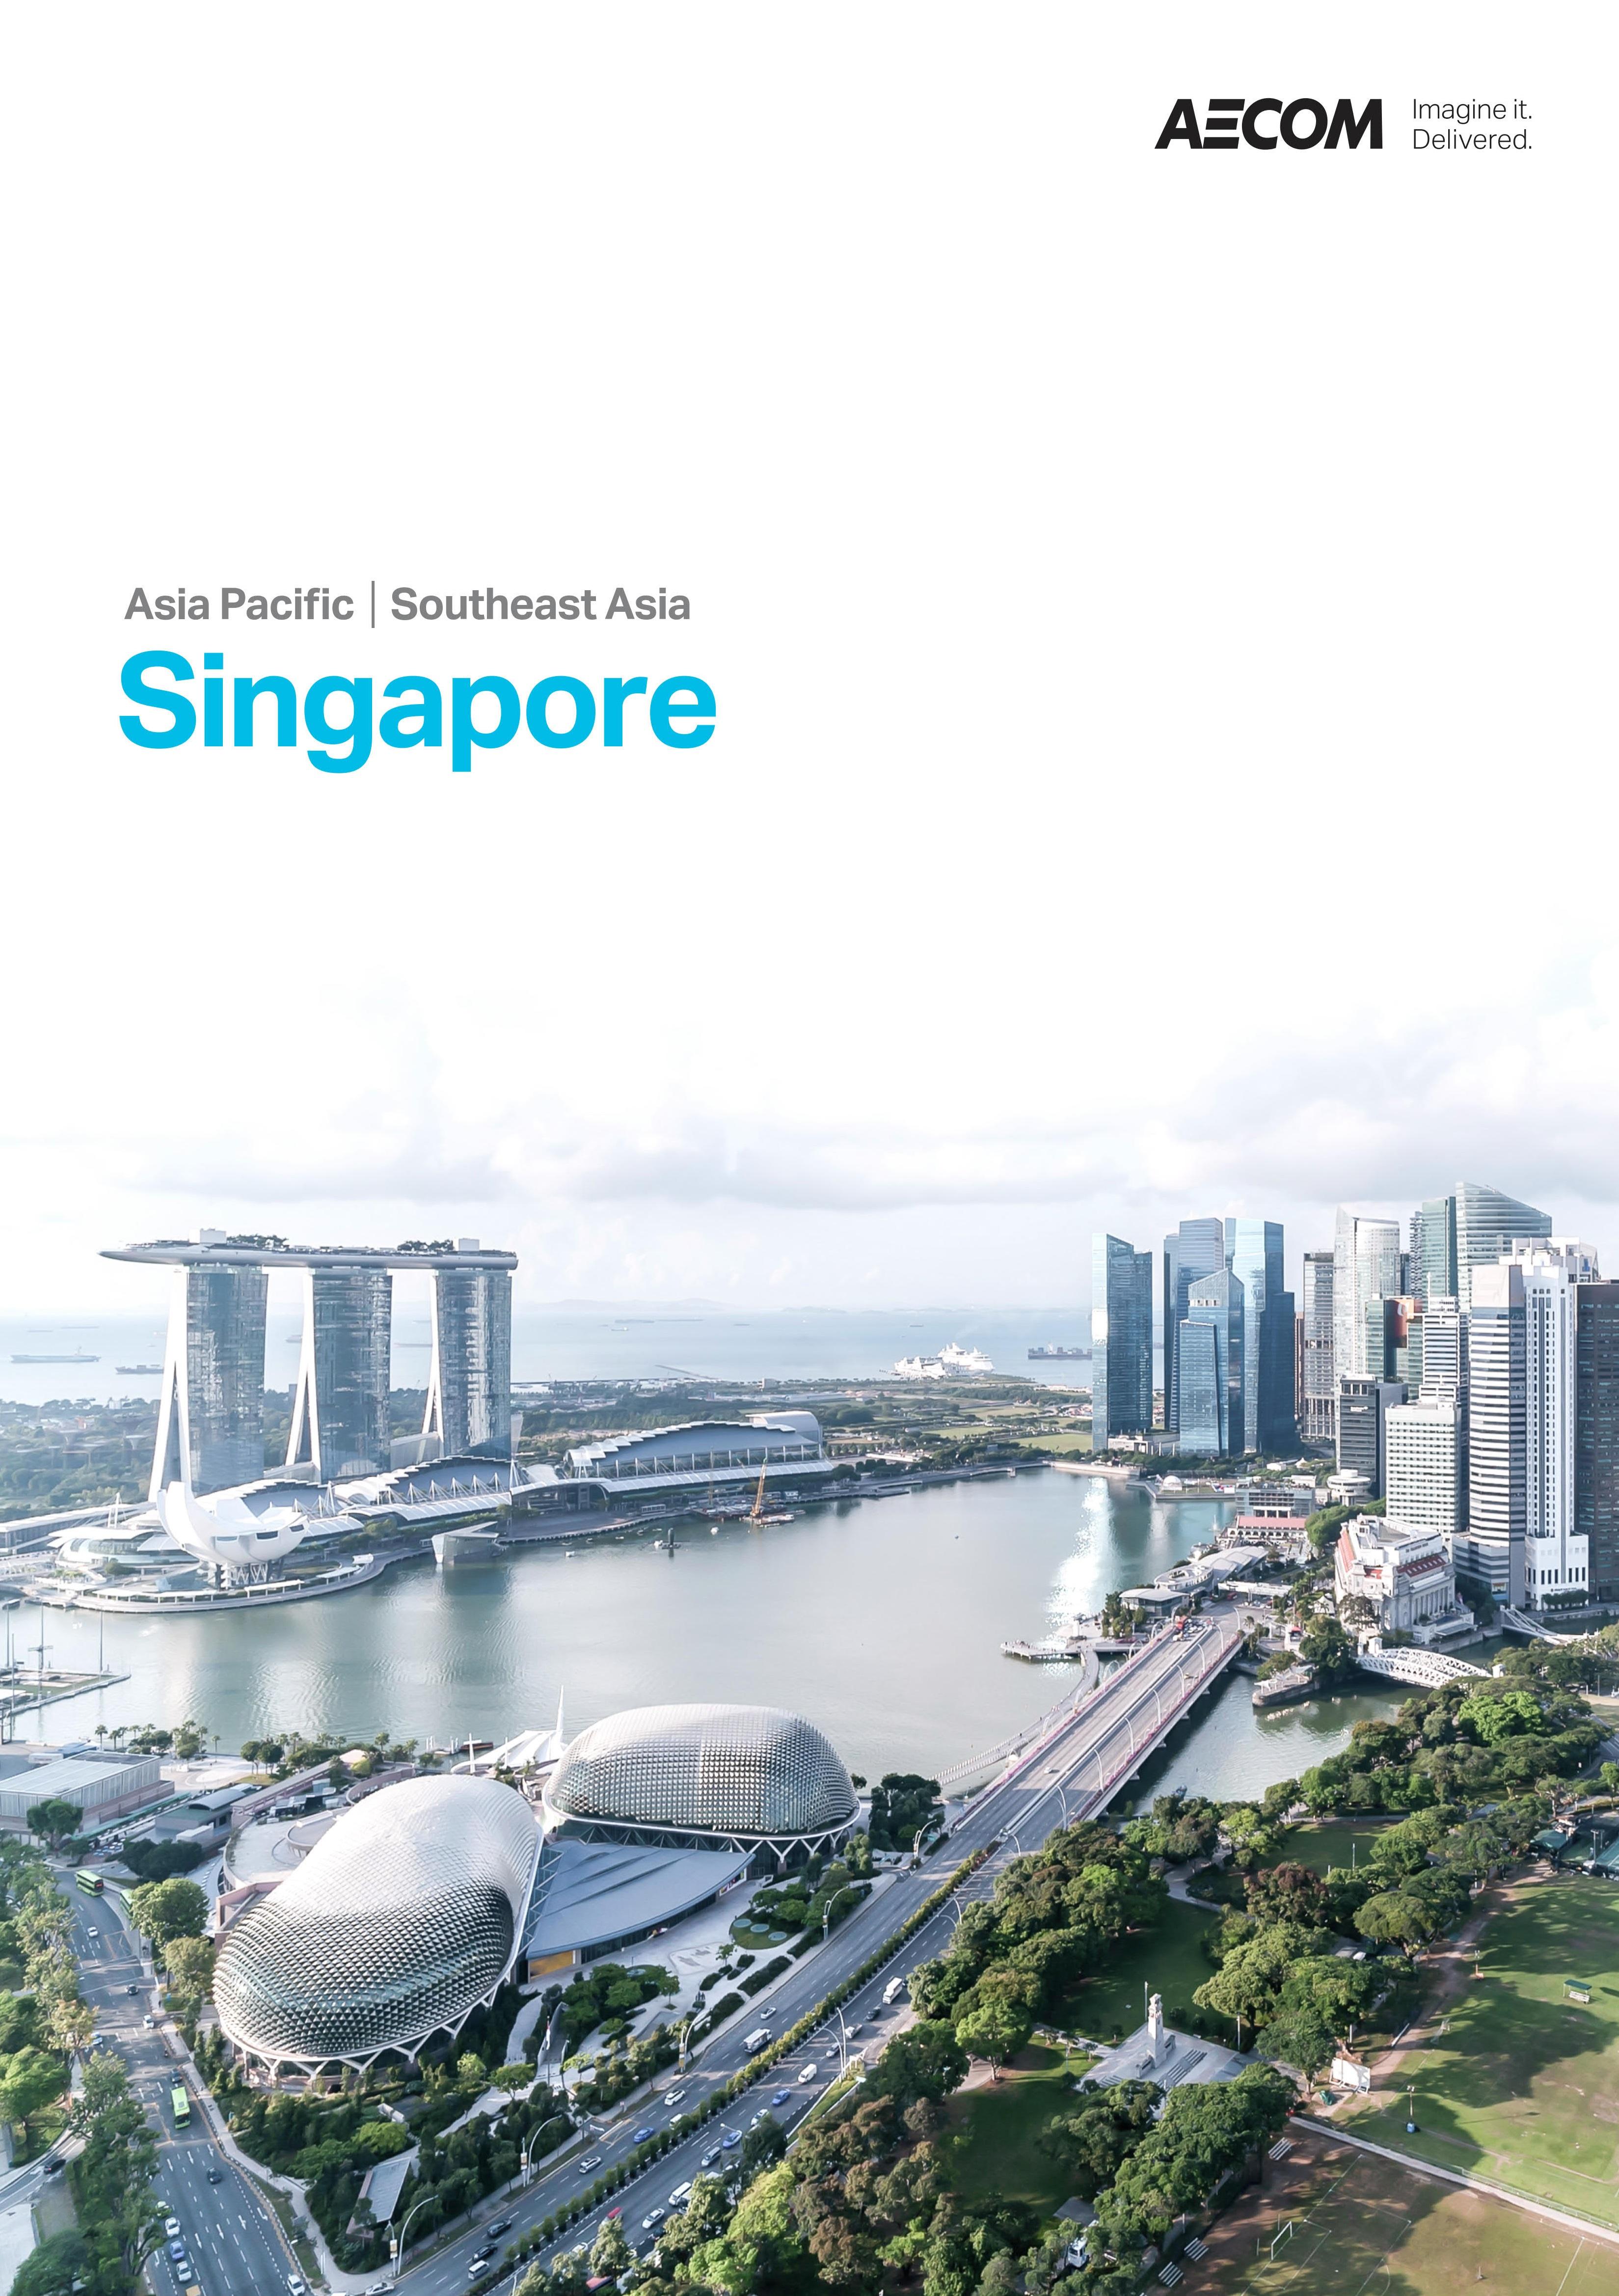 AECOM - Singapore